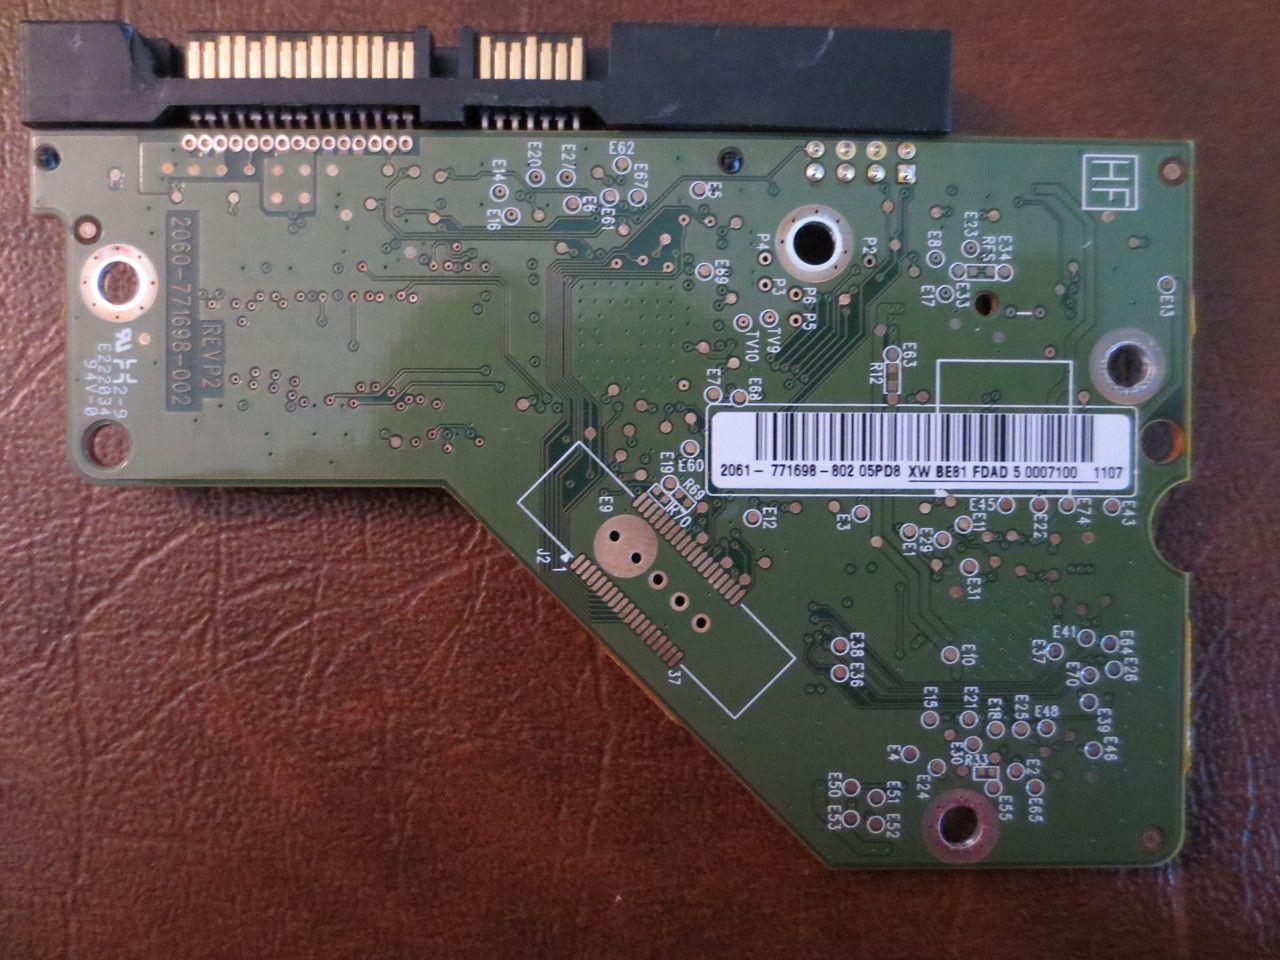 Western Digital Wd30ezrs 11j99b0 2061 771698 802 05pd8 Dcm Hard Drive Circuit Board Pcb Boards Printed Dcmharchv2ca